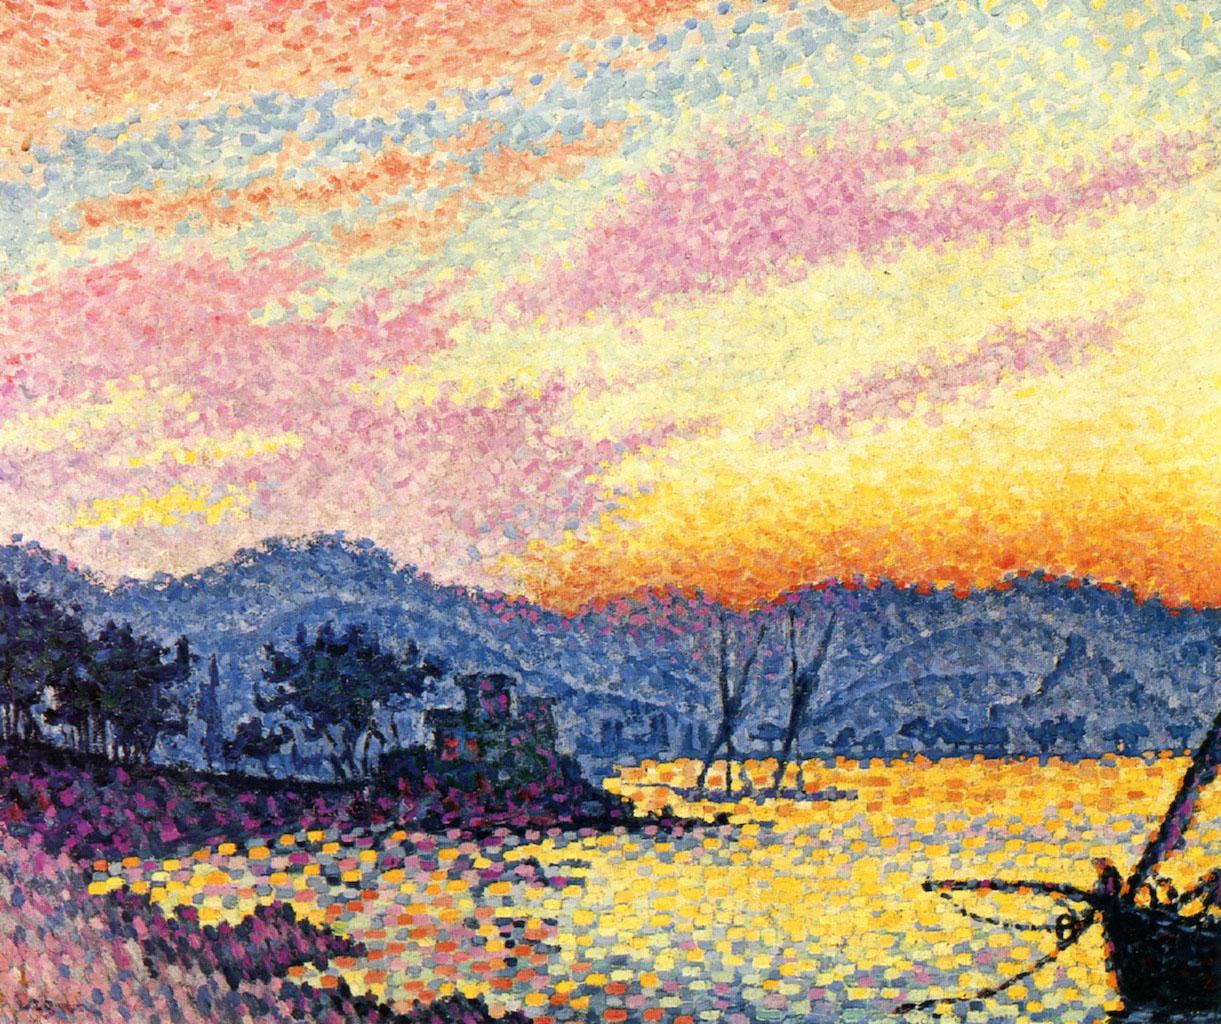 художник Поль Синьяк Paul Signac картина Сен Тропе Pointe de Bertaud пейзажи природы Альберт Сафиуллин